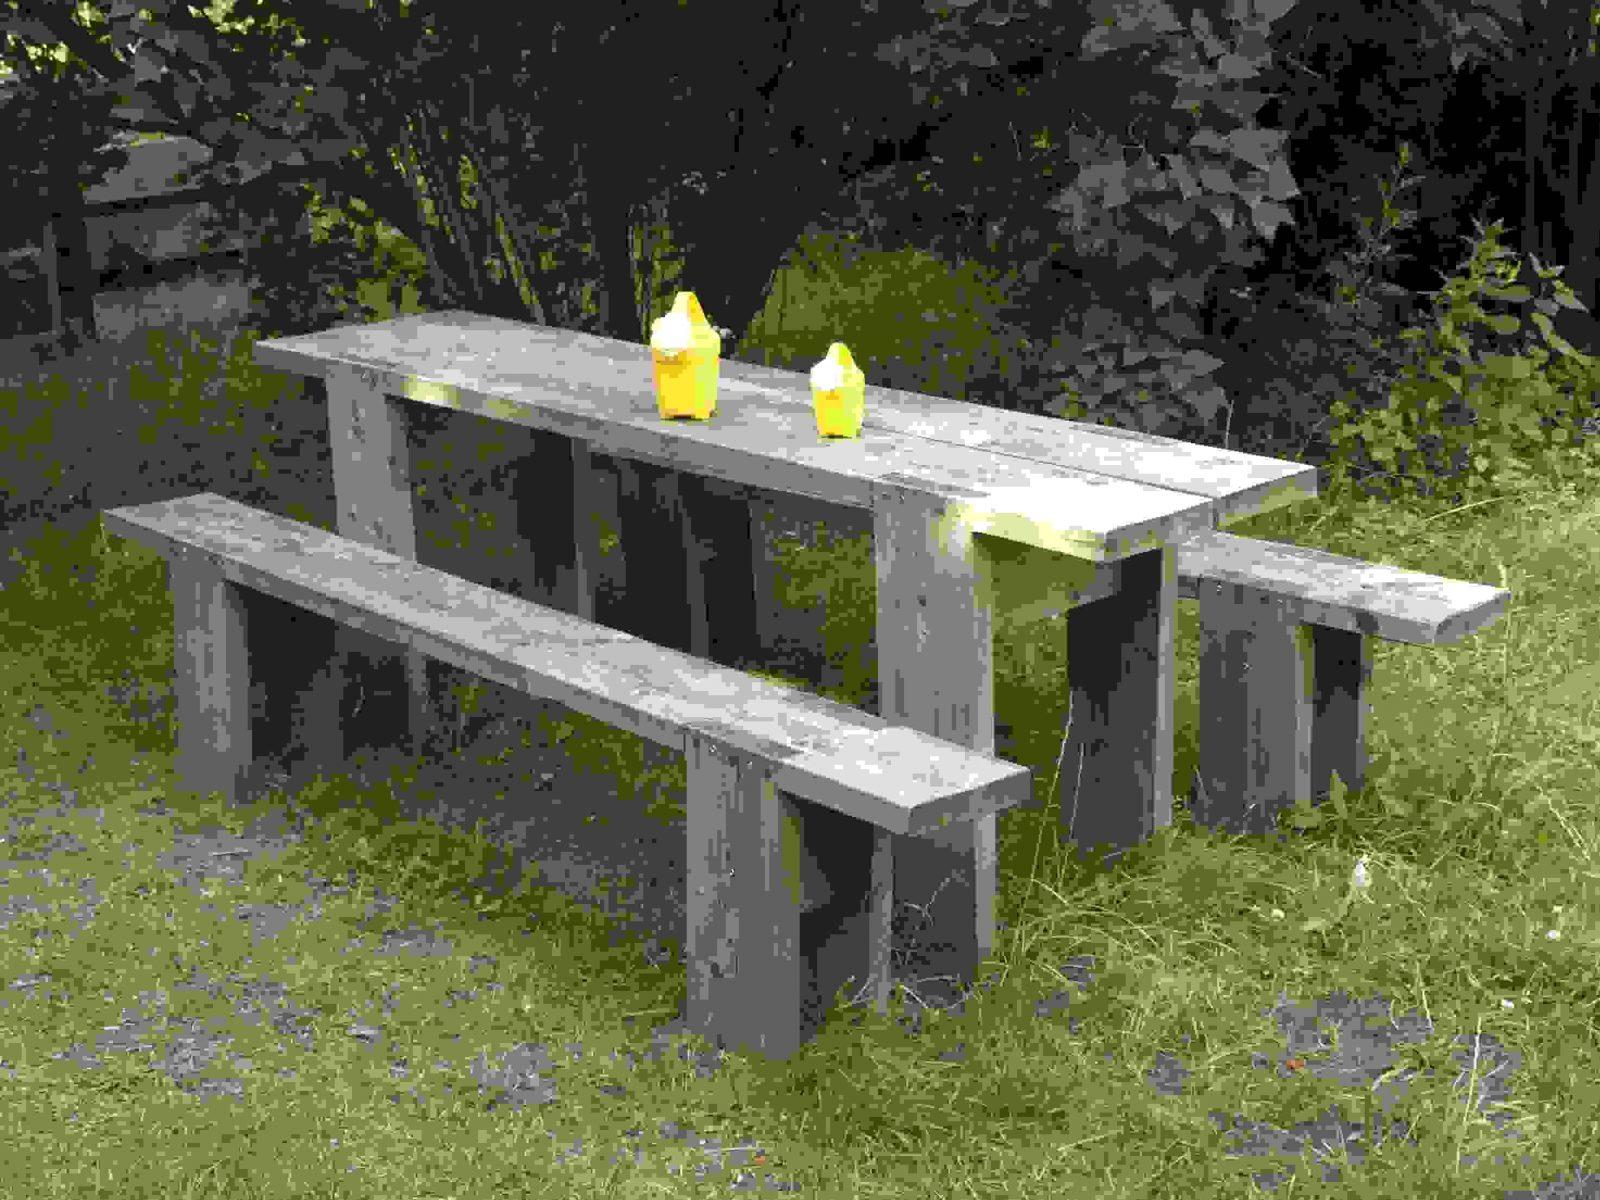 Inspiration Gartenbank Holz Massiv Bauanleitung Designideen von Tisch Bank Kombination Bauanleitung Bild